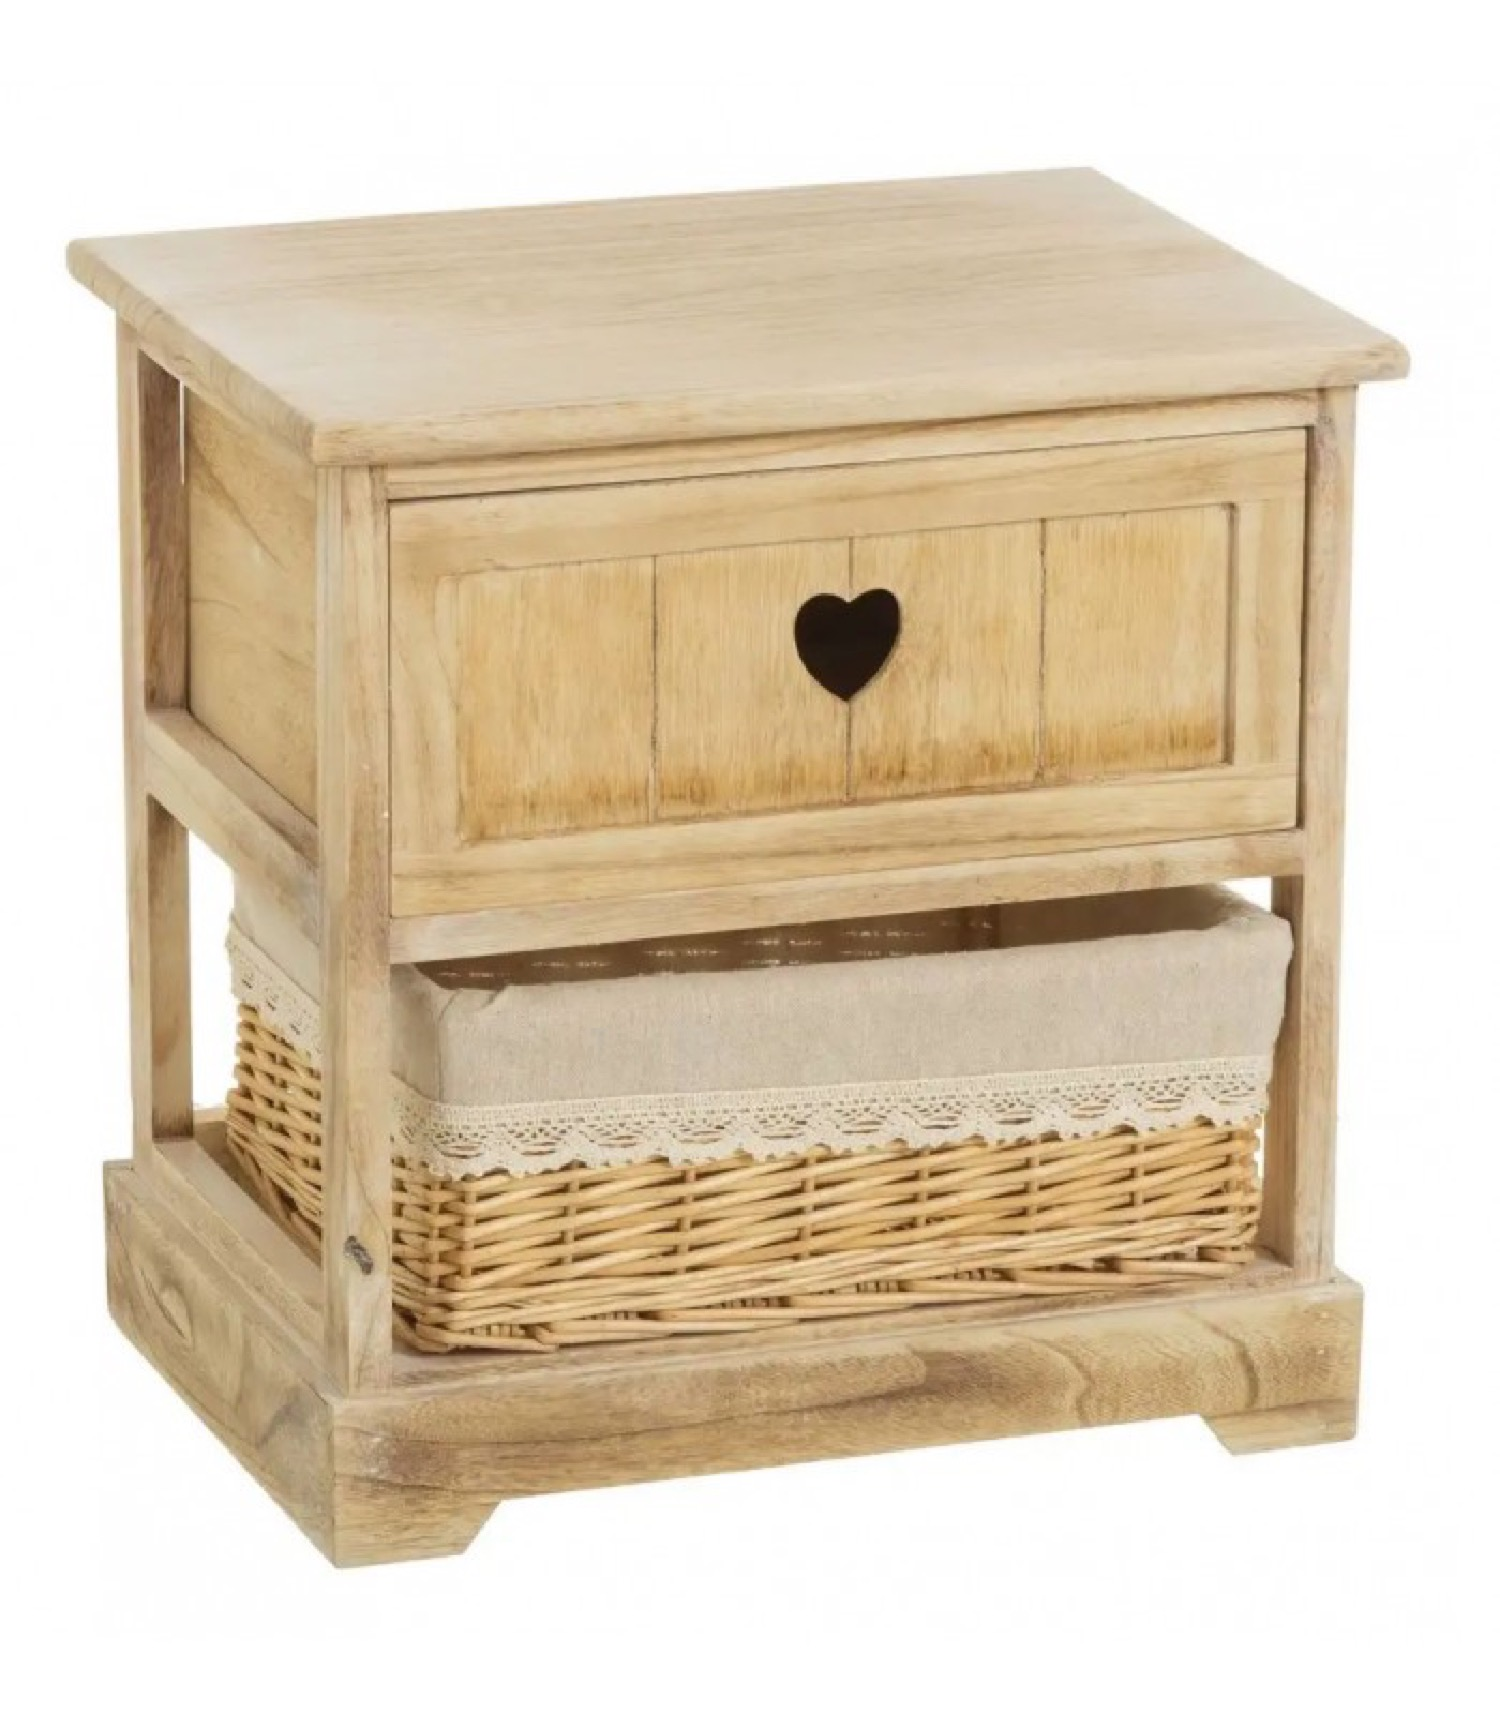 Table de chevet en bois 1 tiroir avec panier H41cm